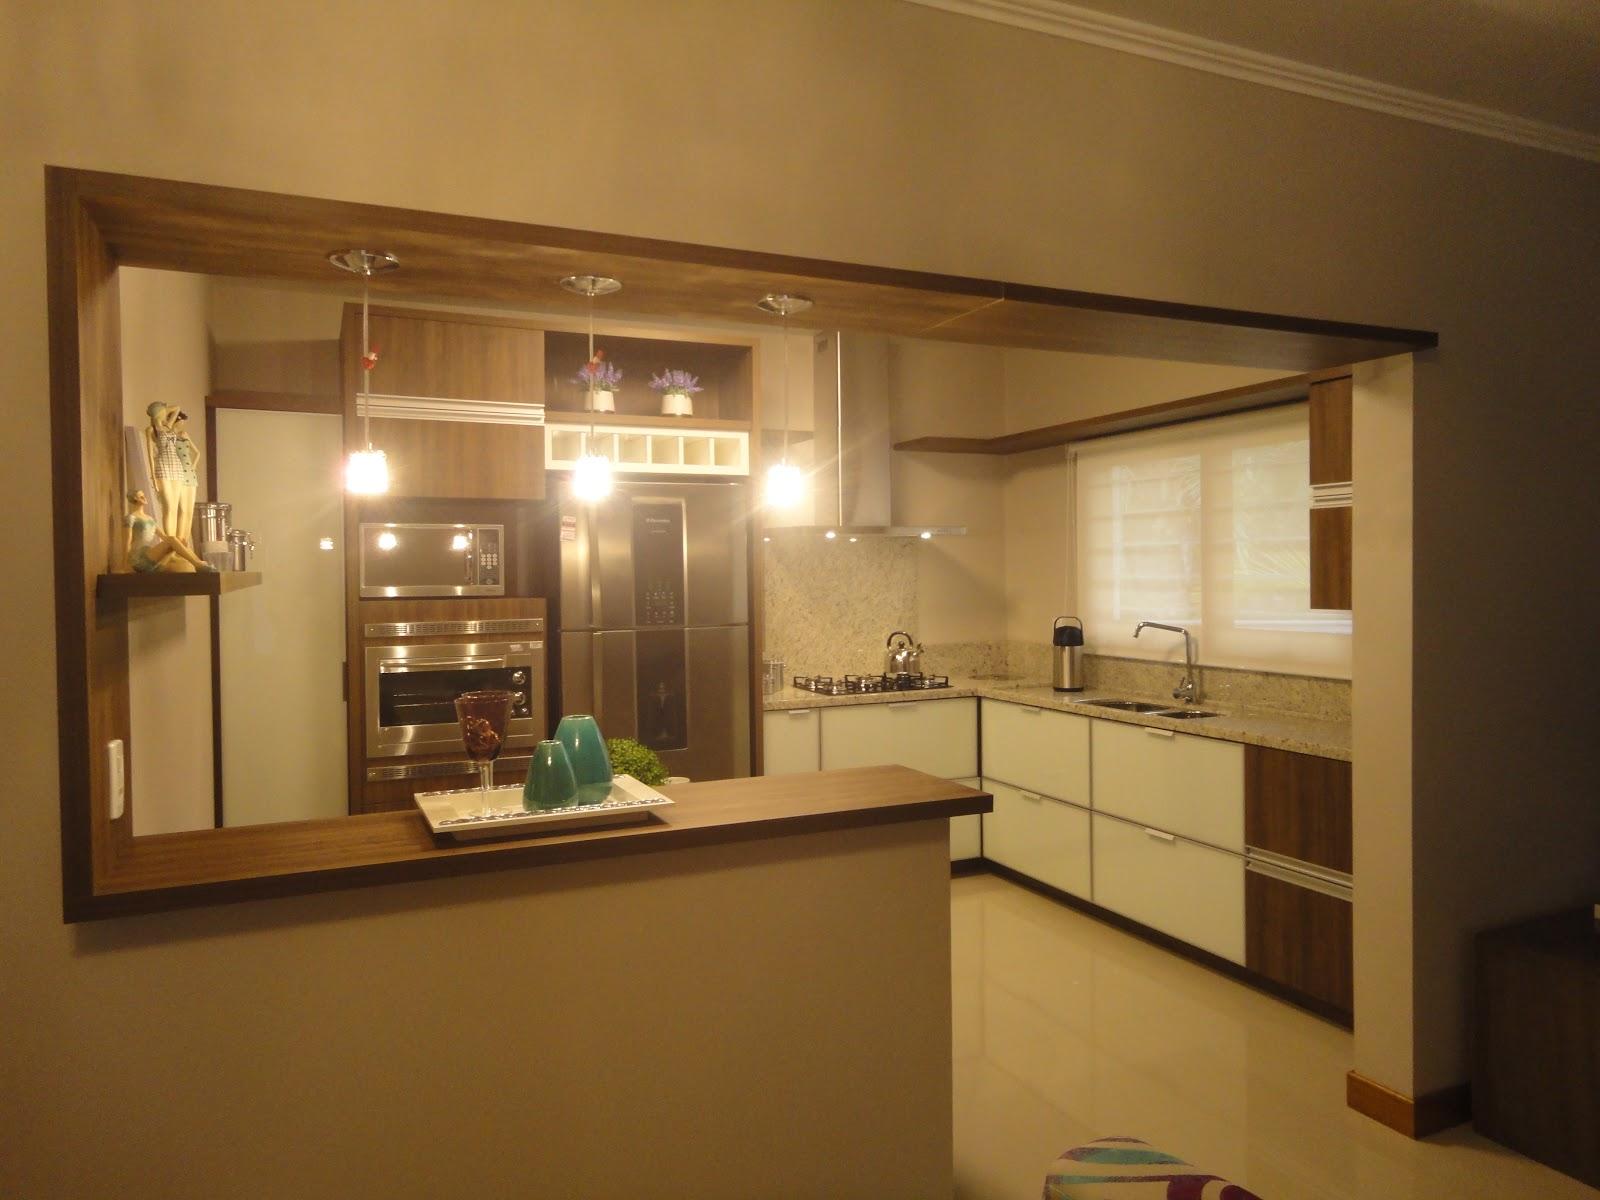 feito por arquiteto: arquitetura de interiores projeto de cozinha #A74A24 1600 1200